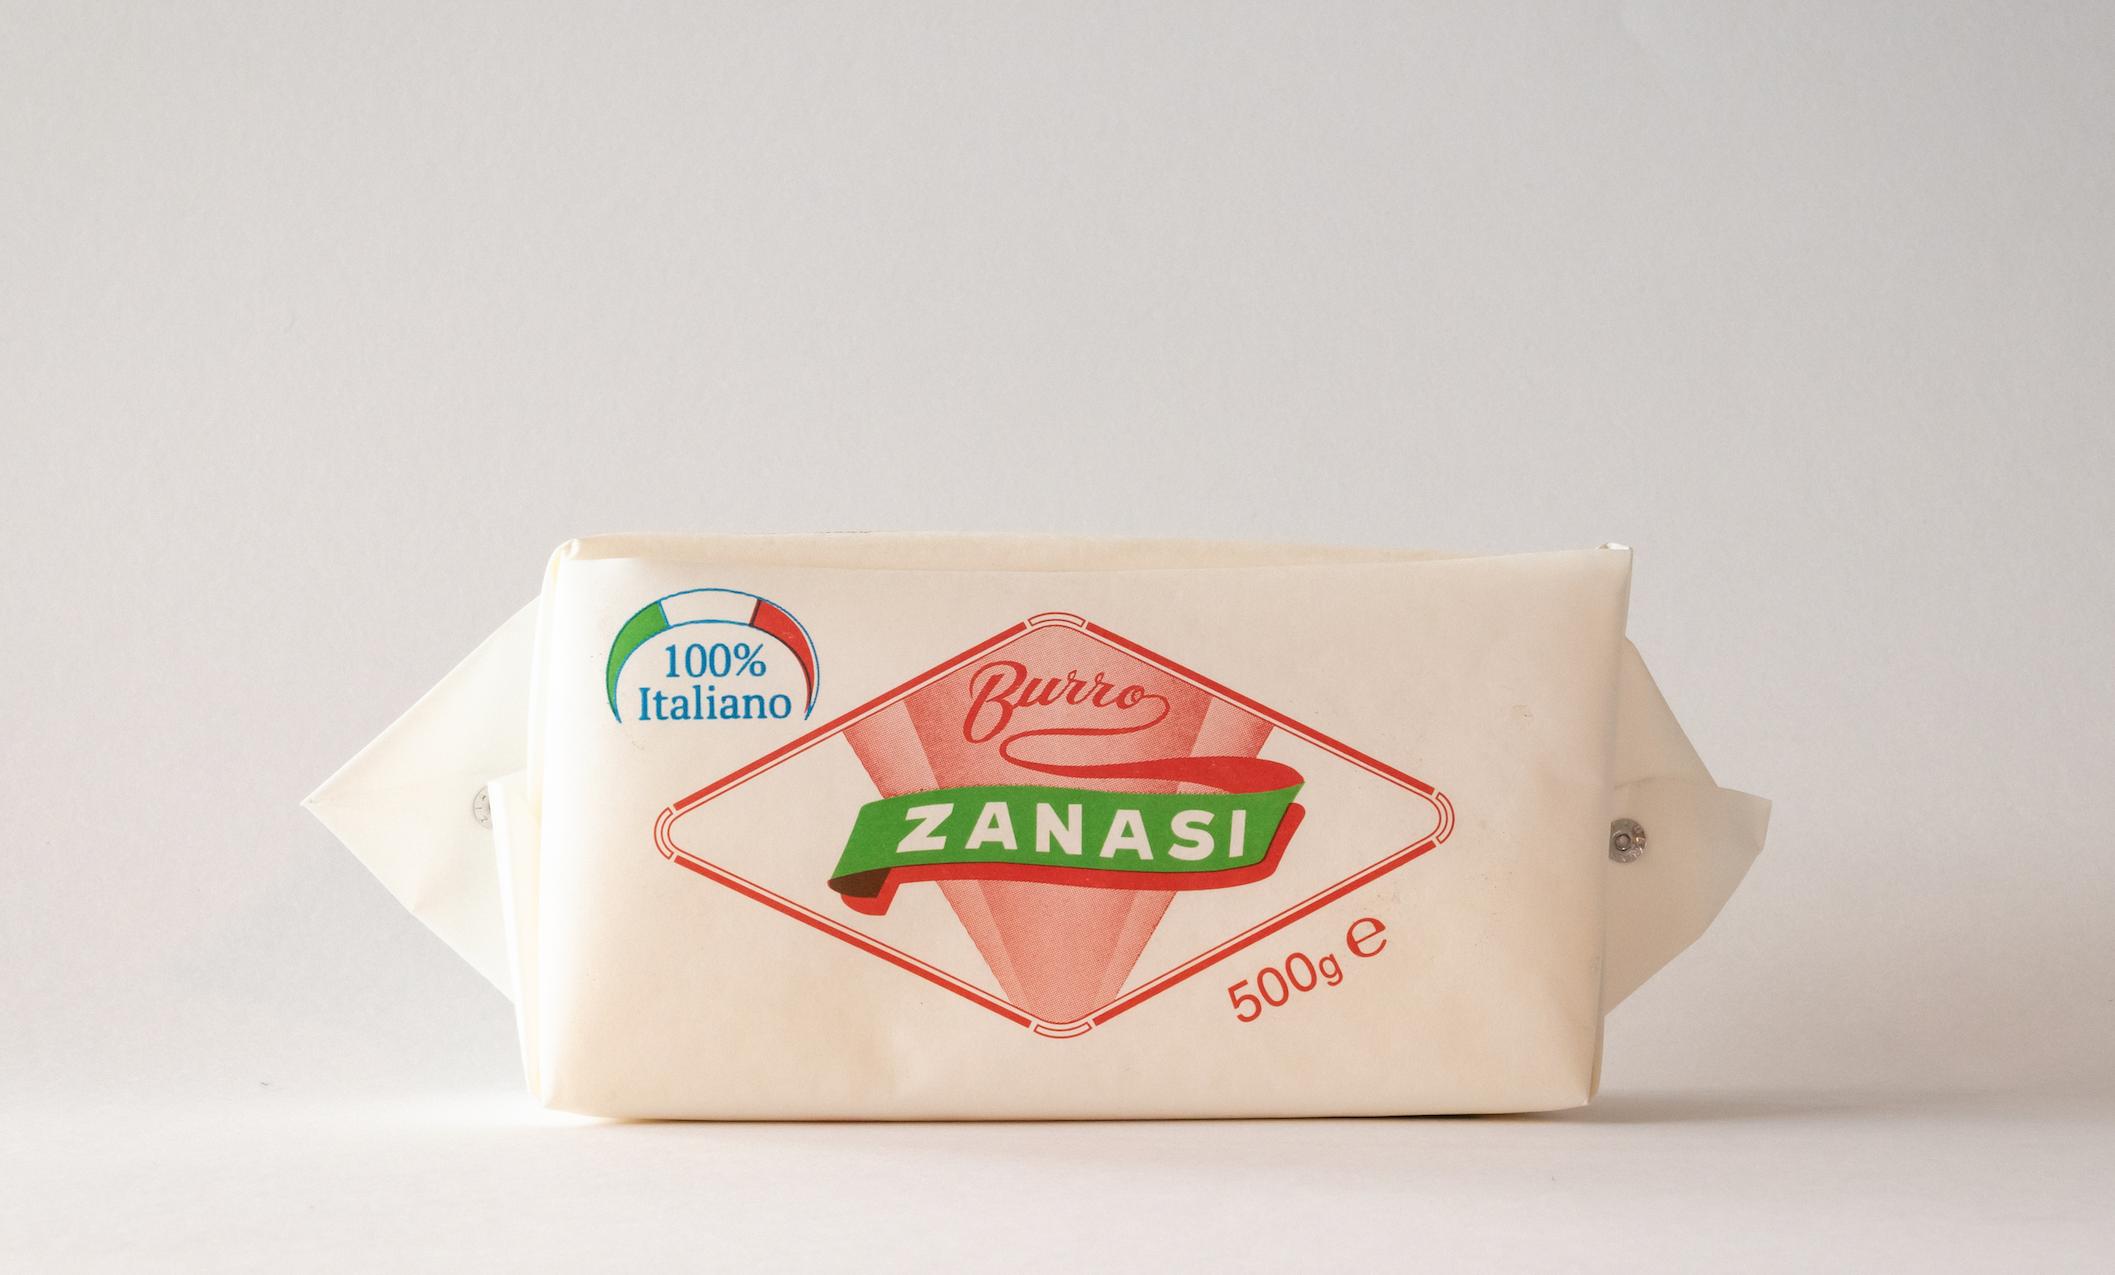 Burro Zanasi 500gr - Uno degli storici formati del marchio, prodotto da panne 100% italiane